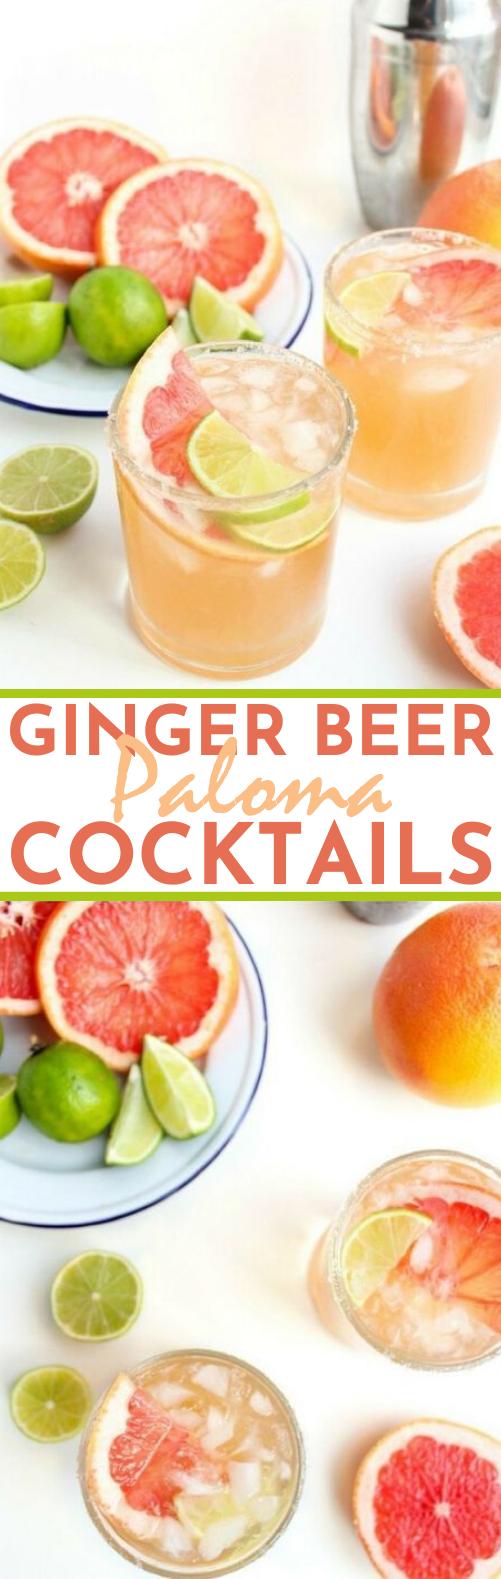 Ginger Beer Paloma Cocktails #drinks #cocktails #refreshing #summer #beer